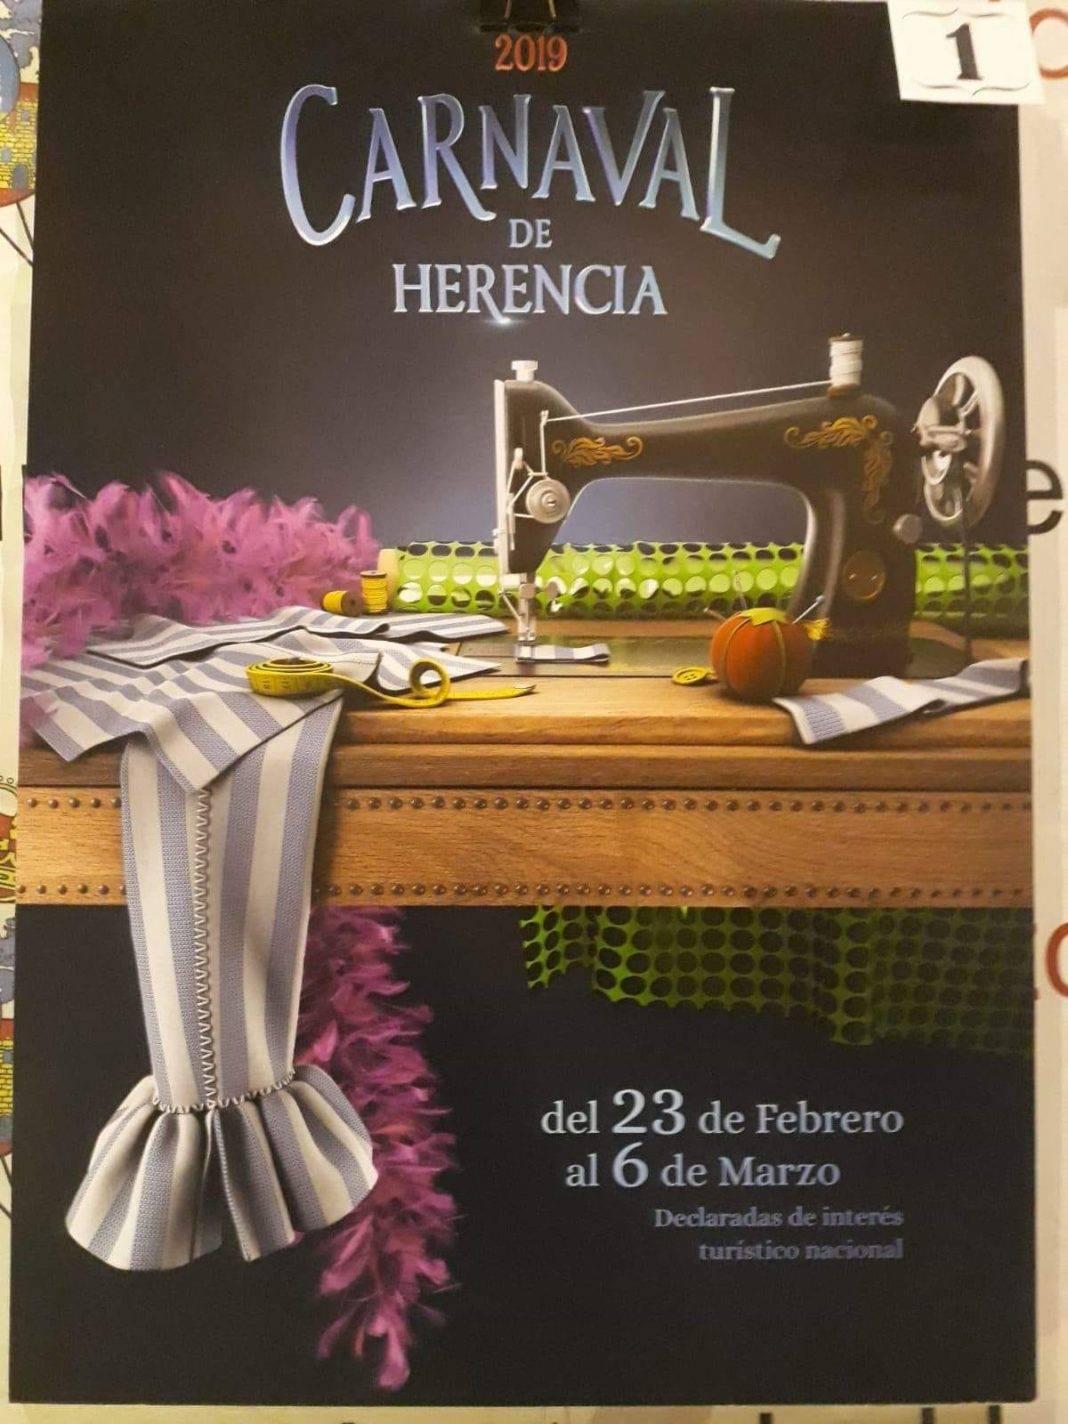 cartel de carnaval herencia 2019 1068x1424 - Empieza la promoción del cartel del Carnaval de Herencia 2019